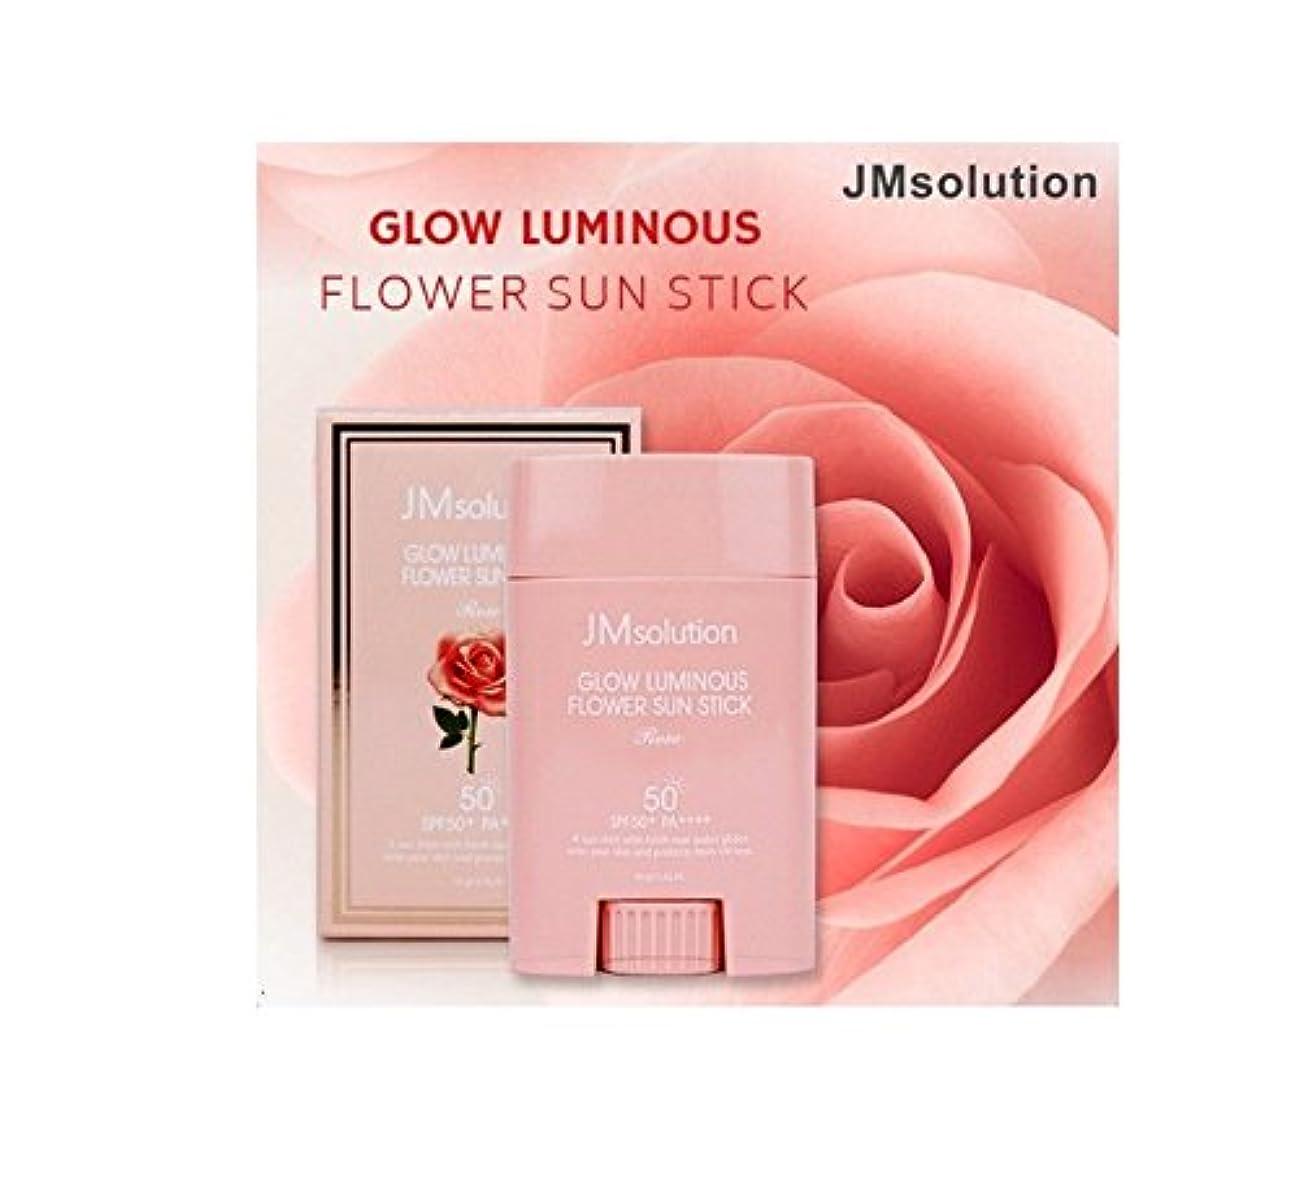 嵐かもめピークJM Solution Glow Luminous Flower Sun Stick Rose 21g (spf50 PA) 光る輝く花Sun Stick Rose